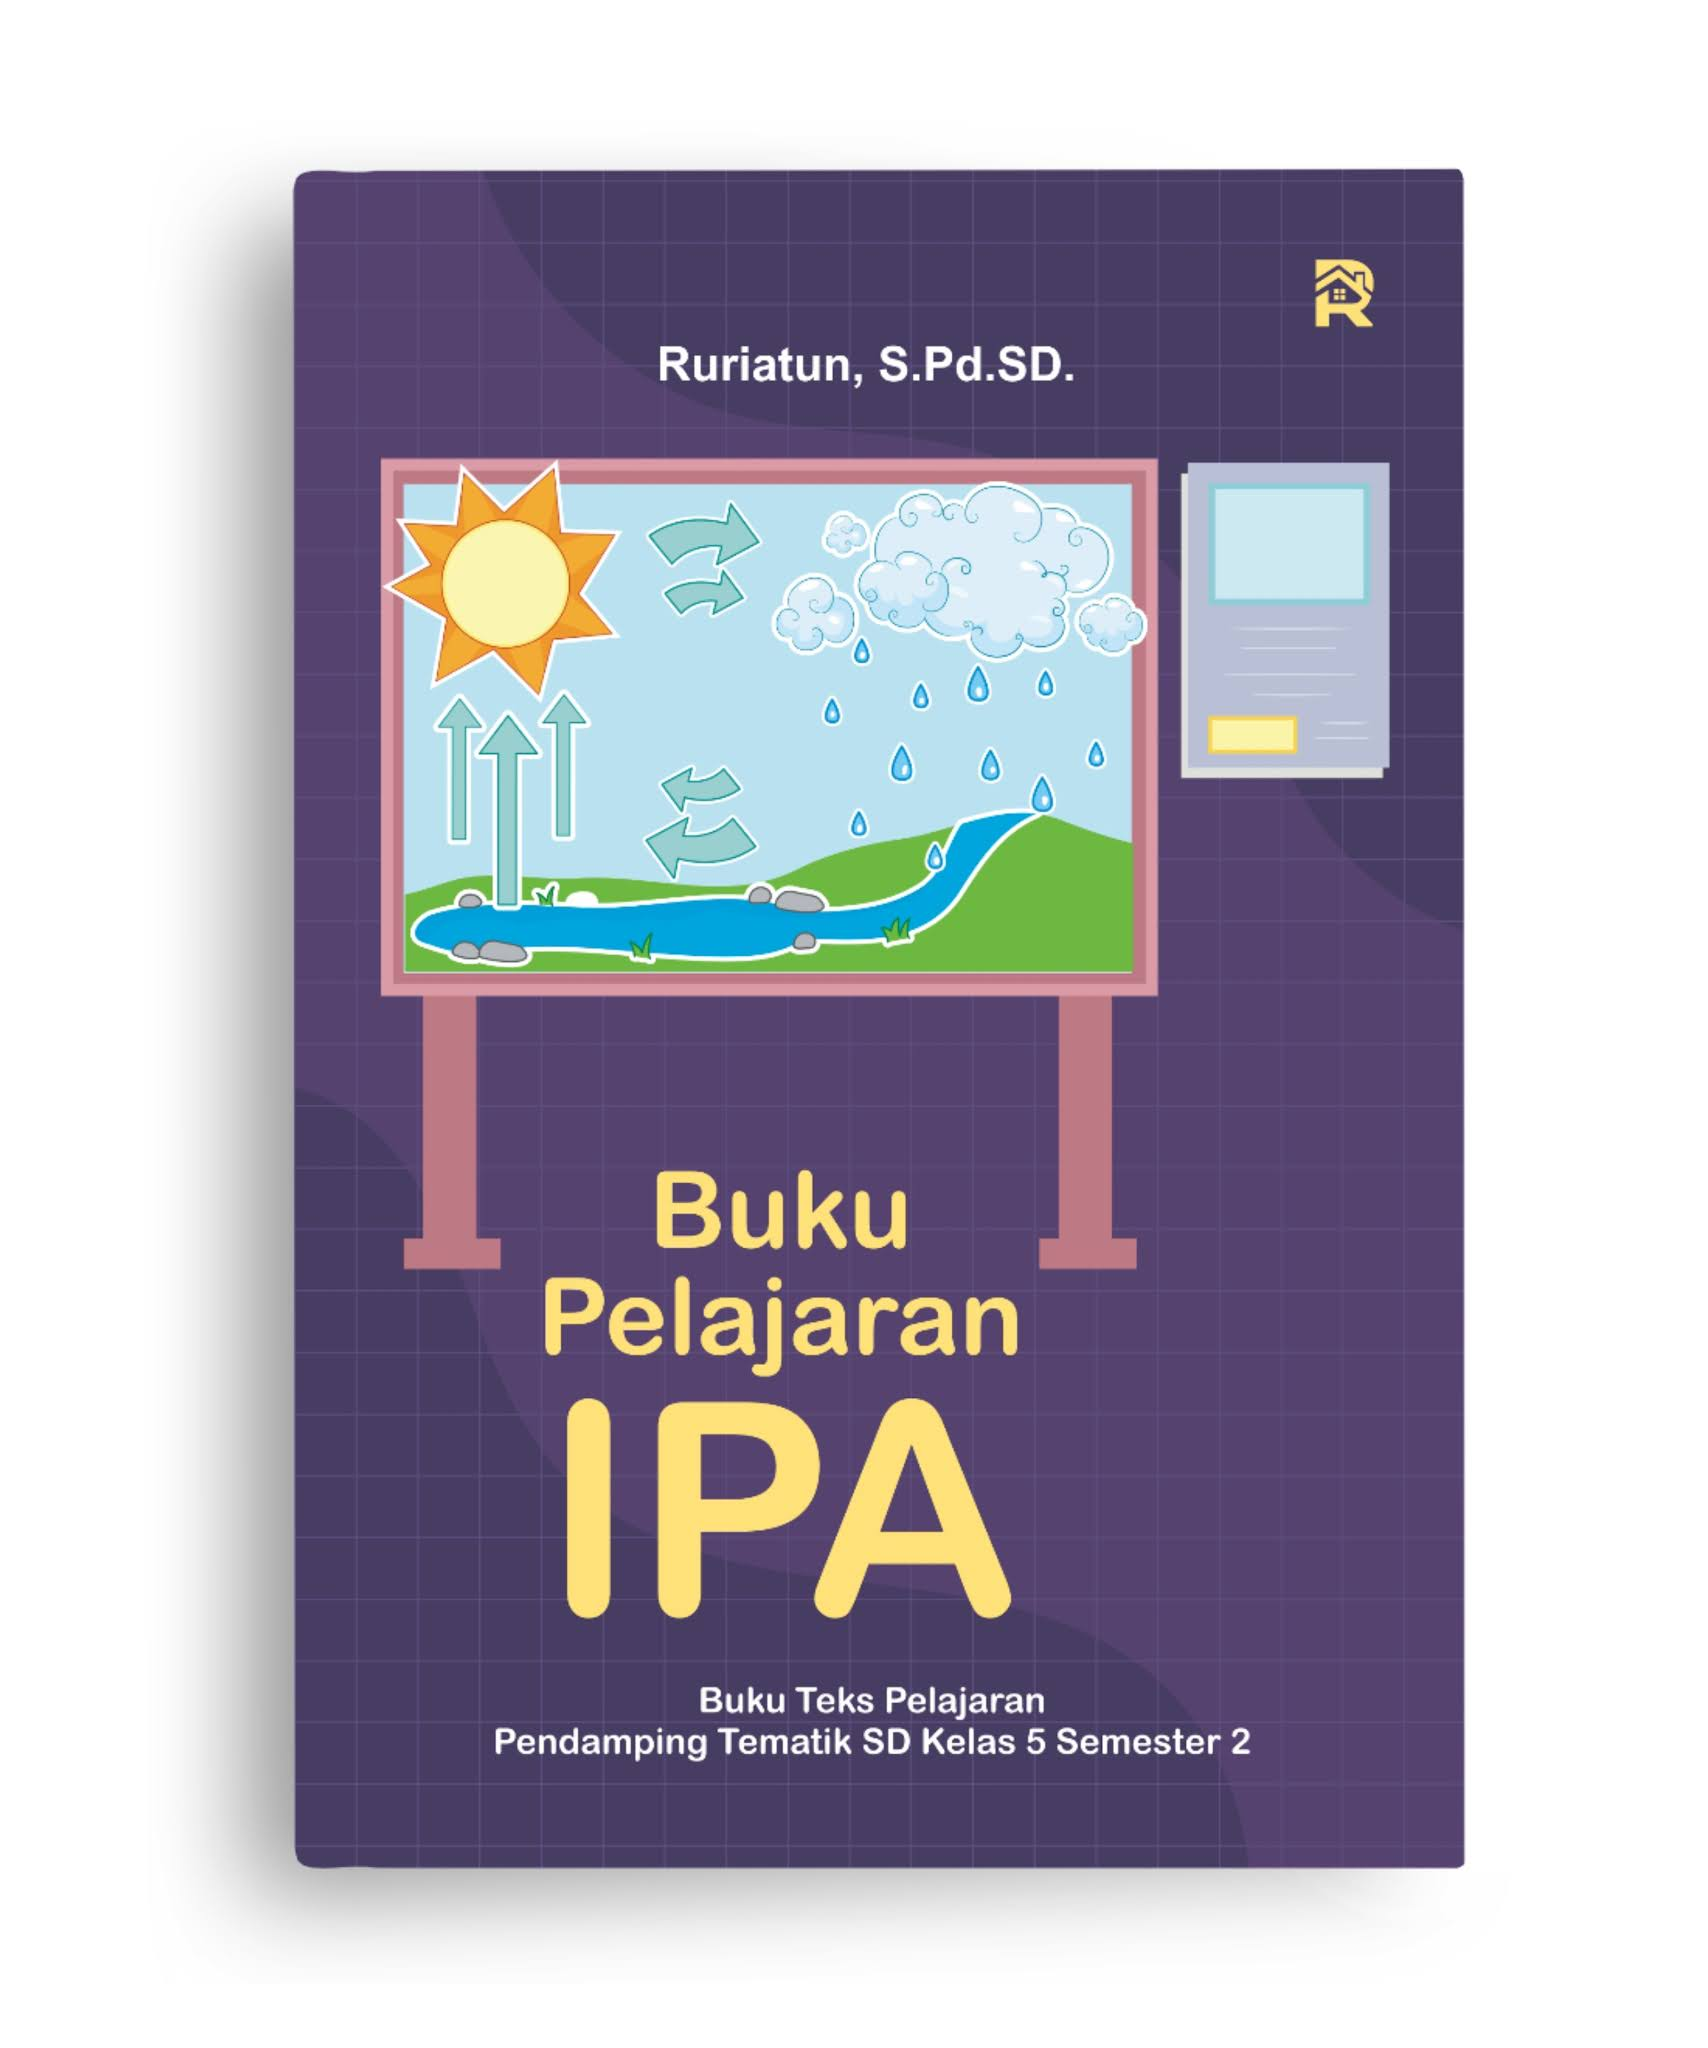 Buku Pelajaran IPA (Buku Teks Pelajaran Pendamping Tematik SD Kelas 5 Semester 2)